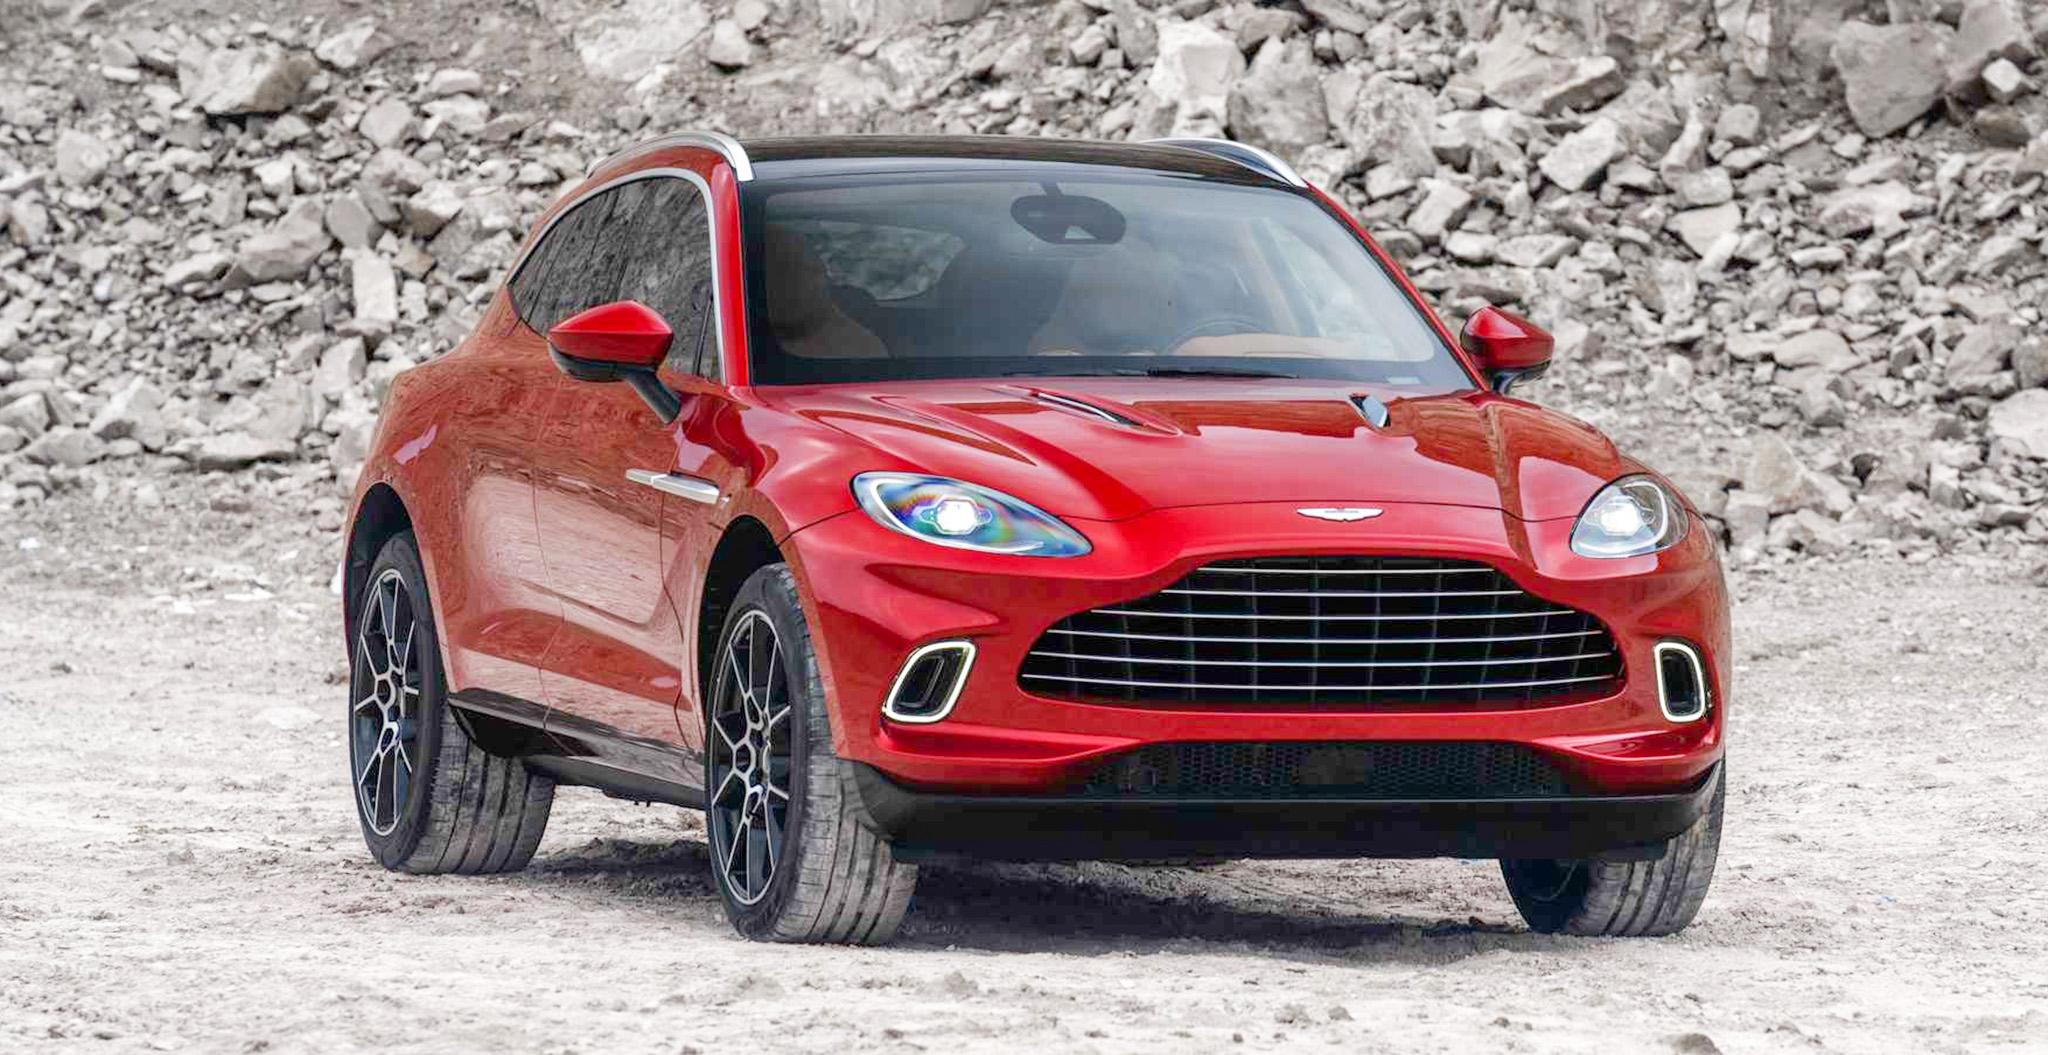 SUV đầu tiên của Aston Martin chính thức ra mắt, mạnh 542 mã lực